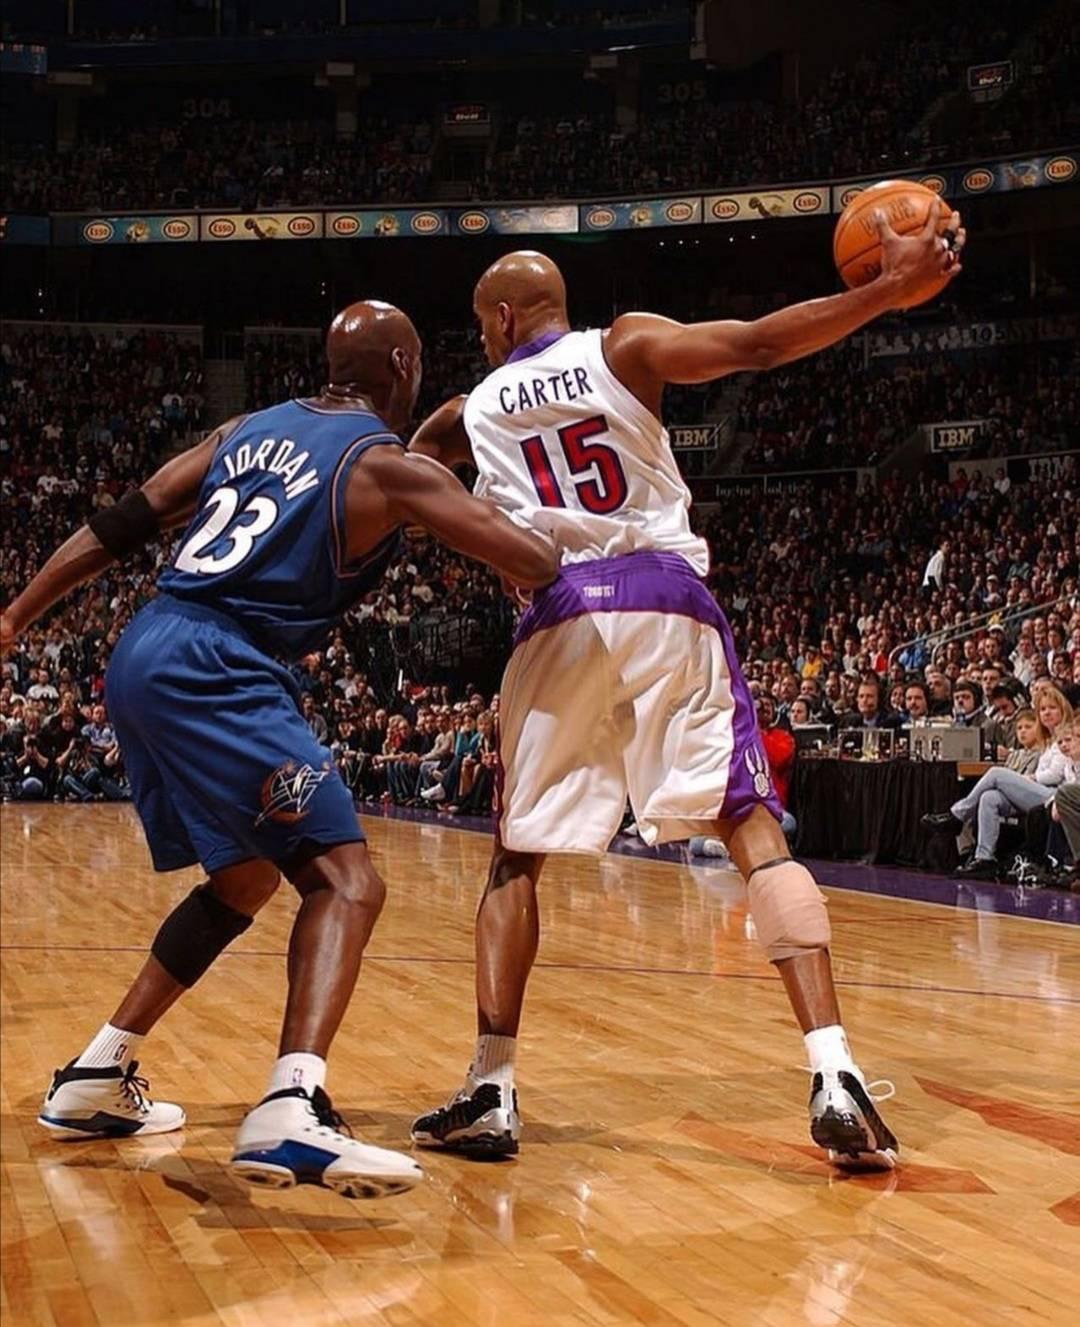 ,NBA官方终于确定了复赛的日期和形式,7月31日在奥兰多迪士尼重启常规赛。